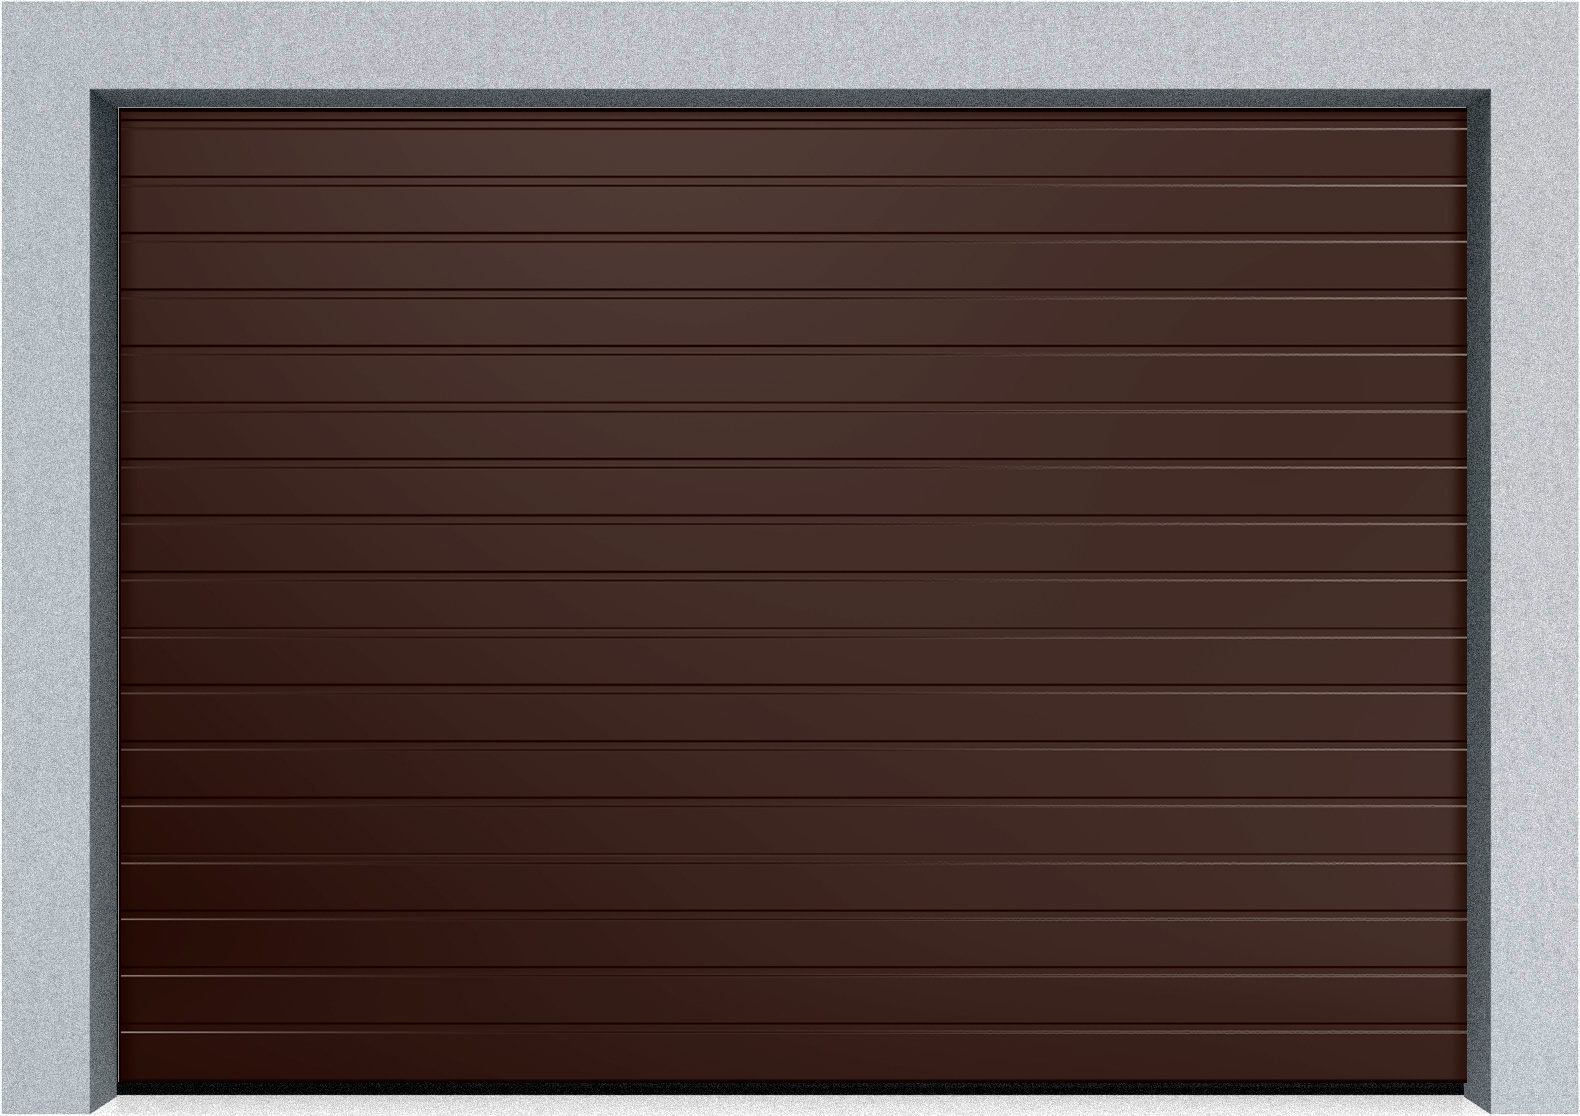 Секционные промышленные ворота Alutech ProTrend 1750х2500 S-гофр, Микроволна стандартные цвета, фото 3